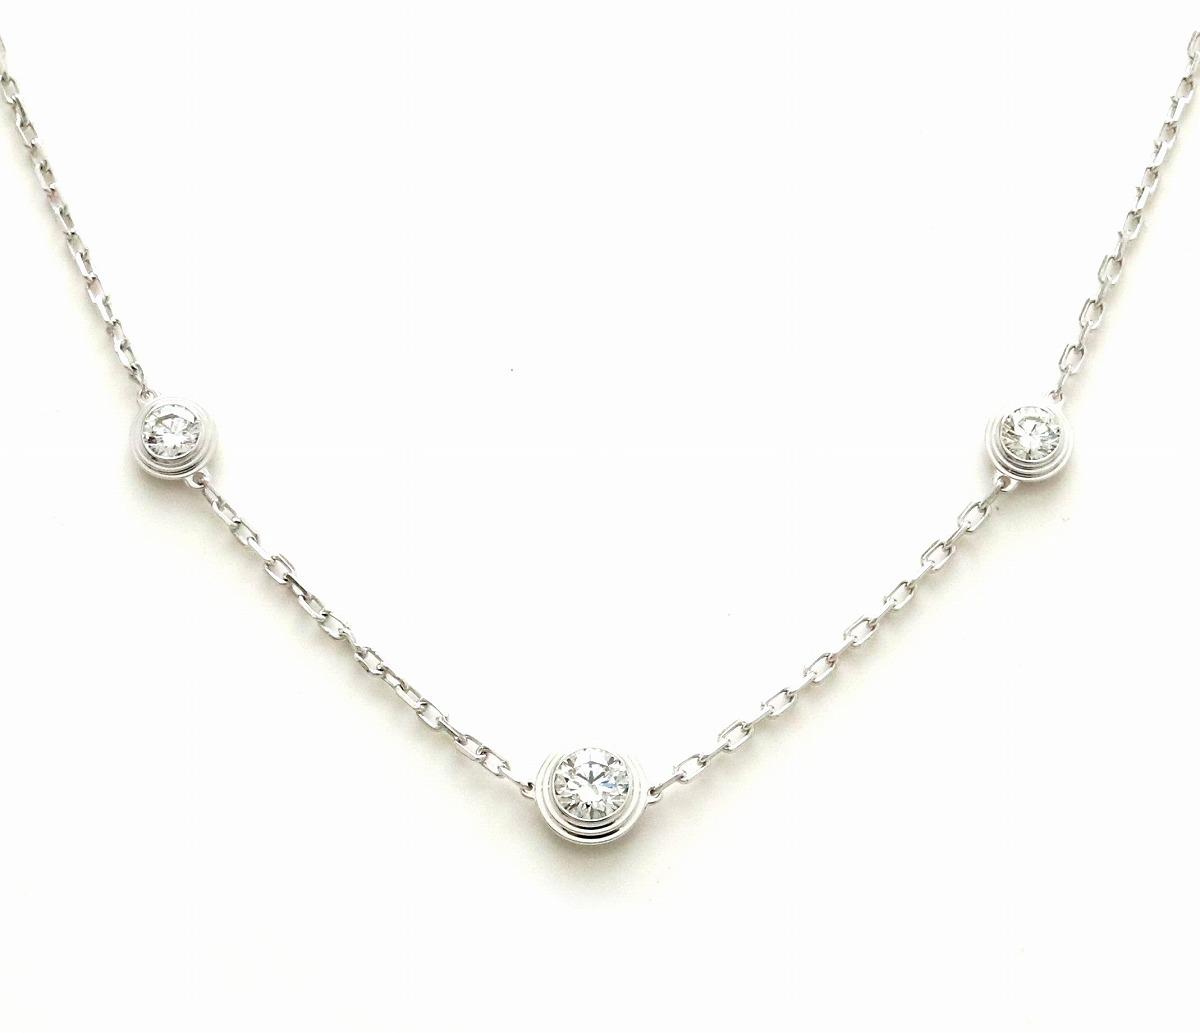 【ジュエリー】【新品仕上げ済】Cartier カルティエ ディアマン レジェ ドゥ カルティエ ネックレス 3PD K18WG 750WG ホワイトゴールド ダイヤモンド B7215300 【中古】